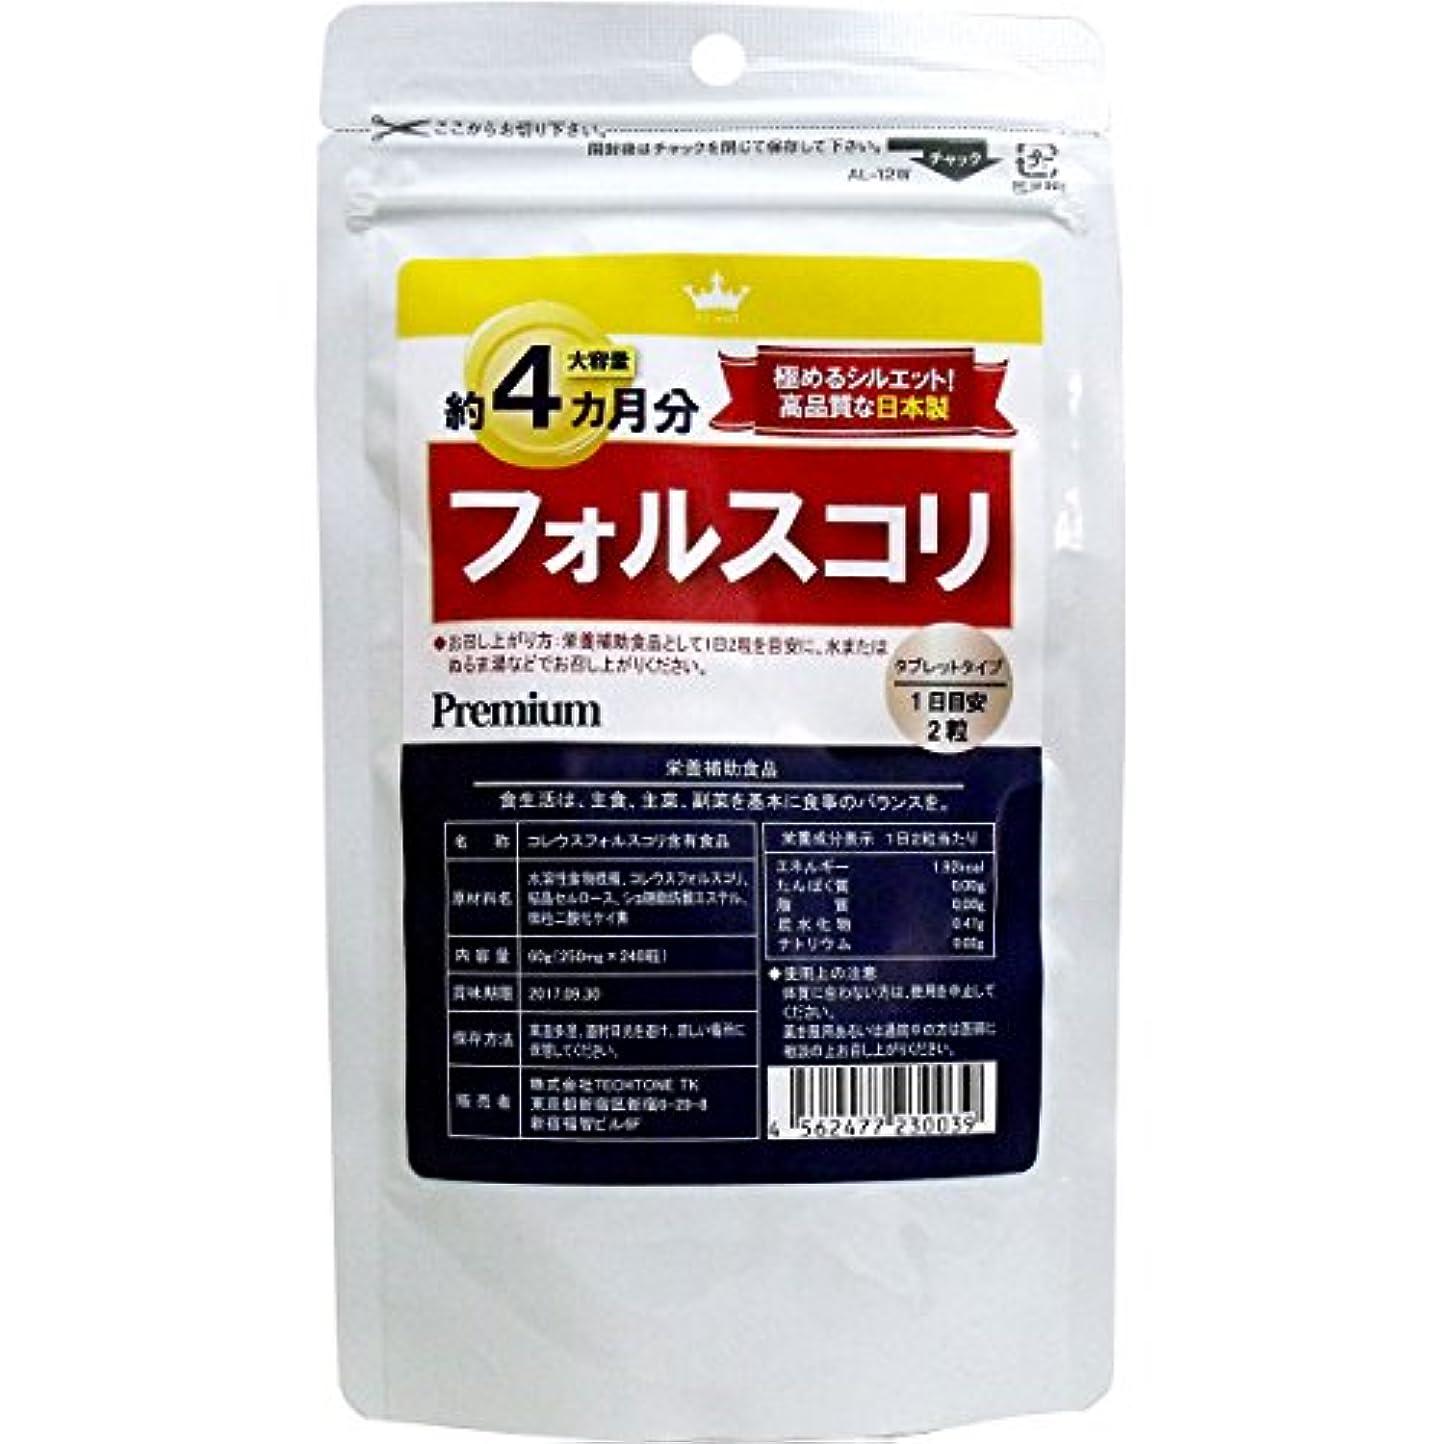 監督するなかなか画面サプリメント 高品質な日本製 健康食品 フォルスコリ 約4カ月分 240粒入